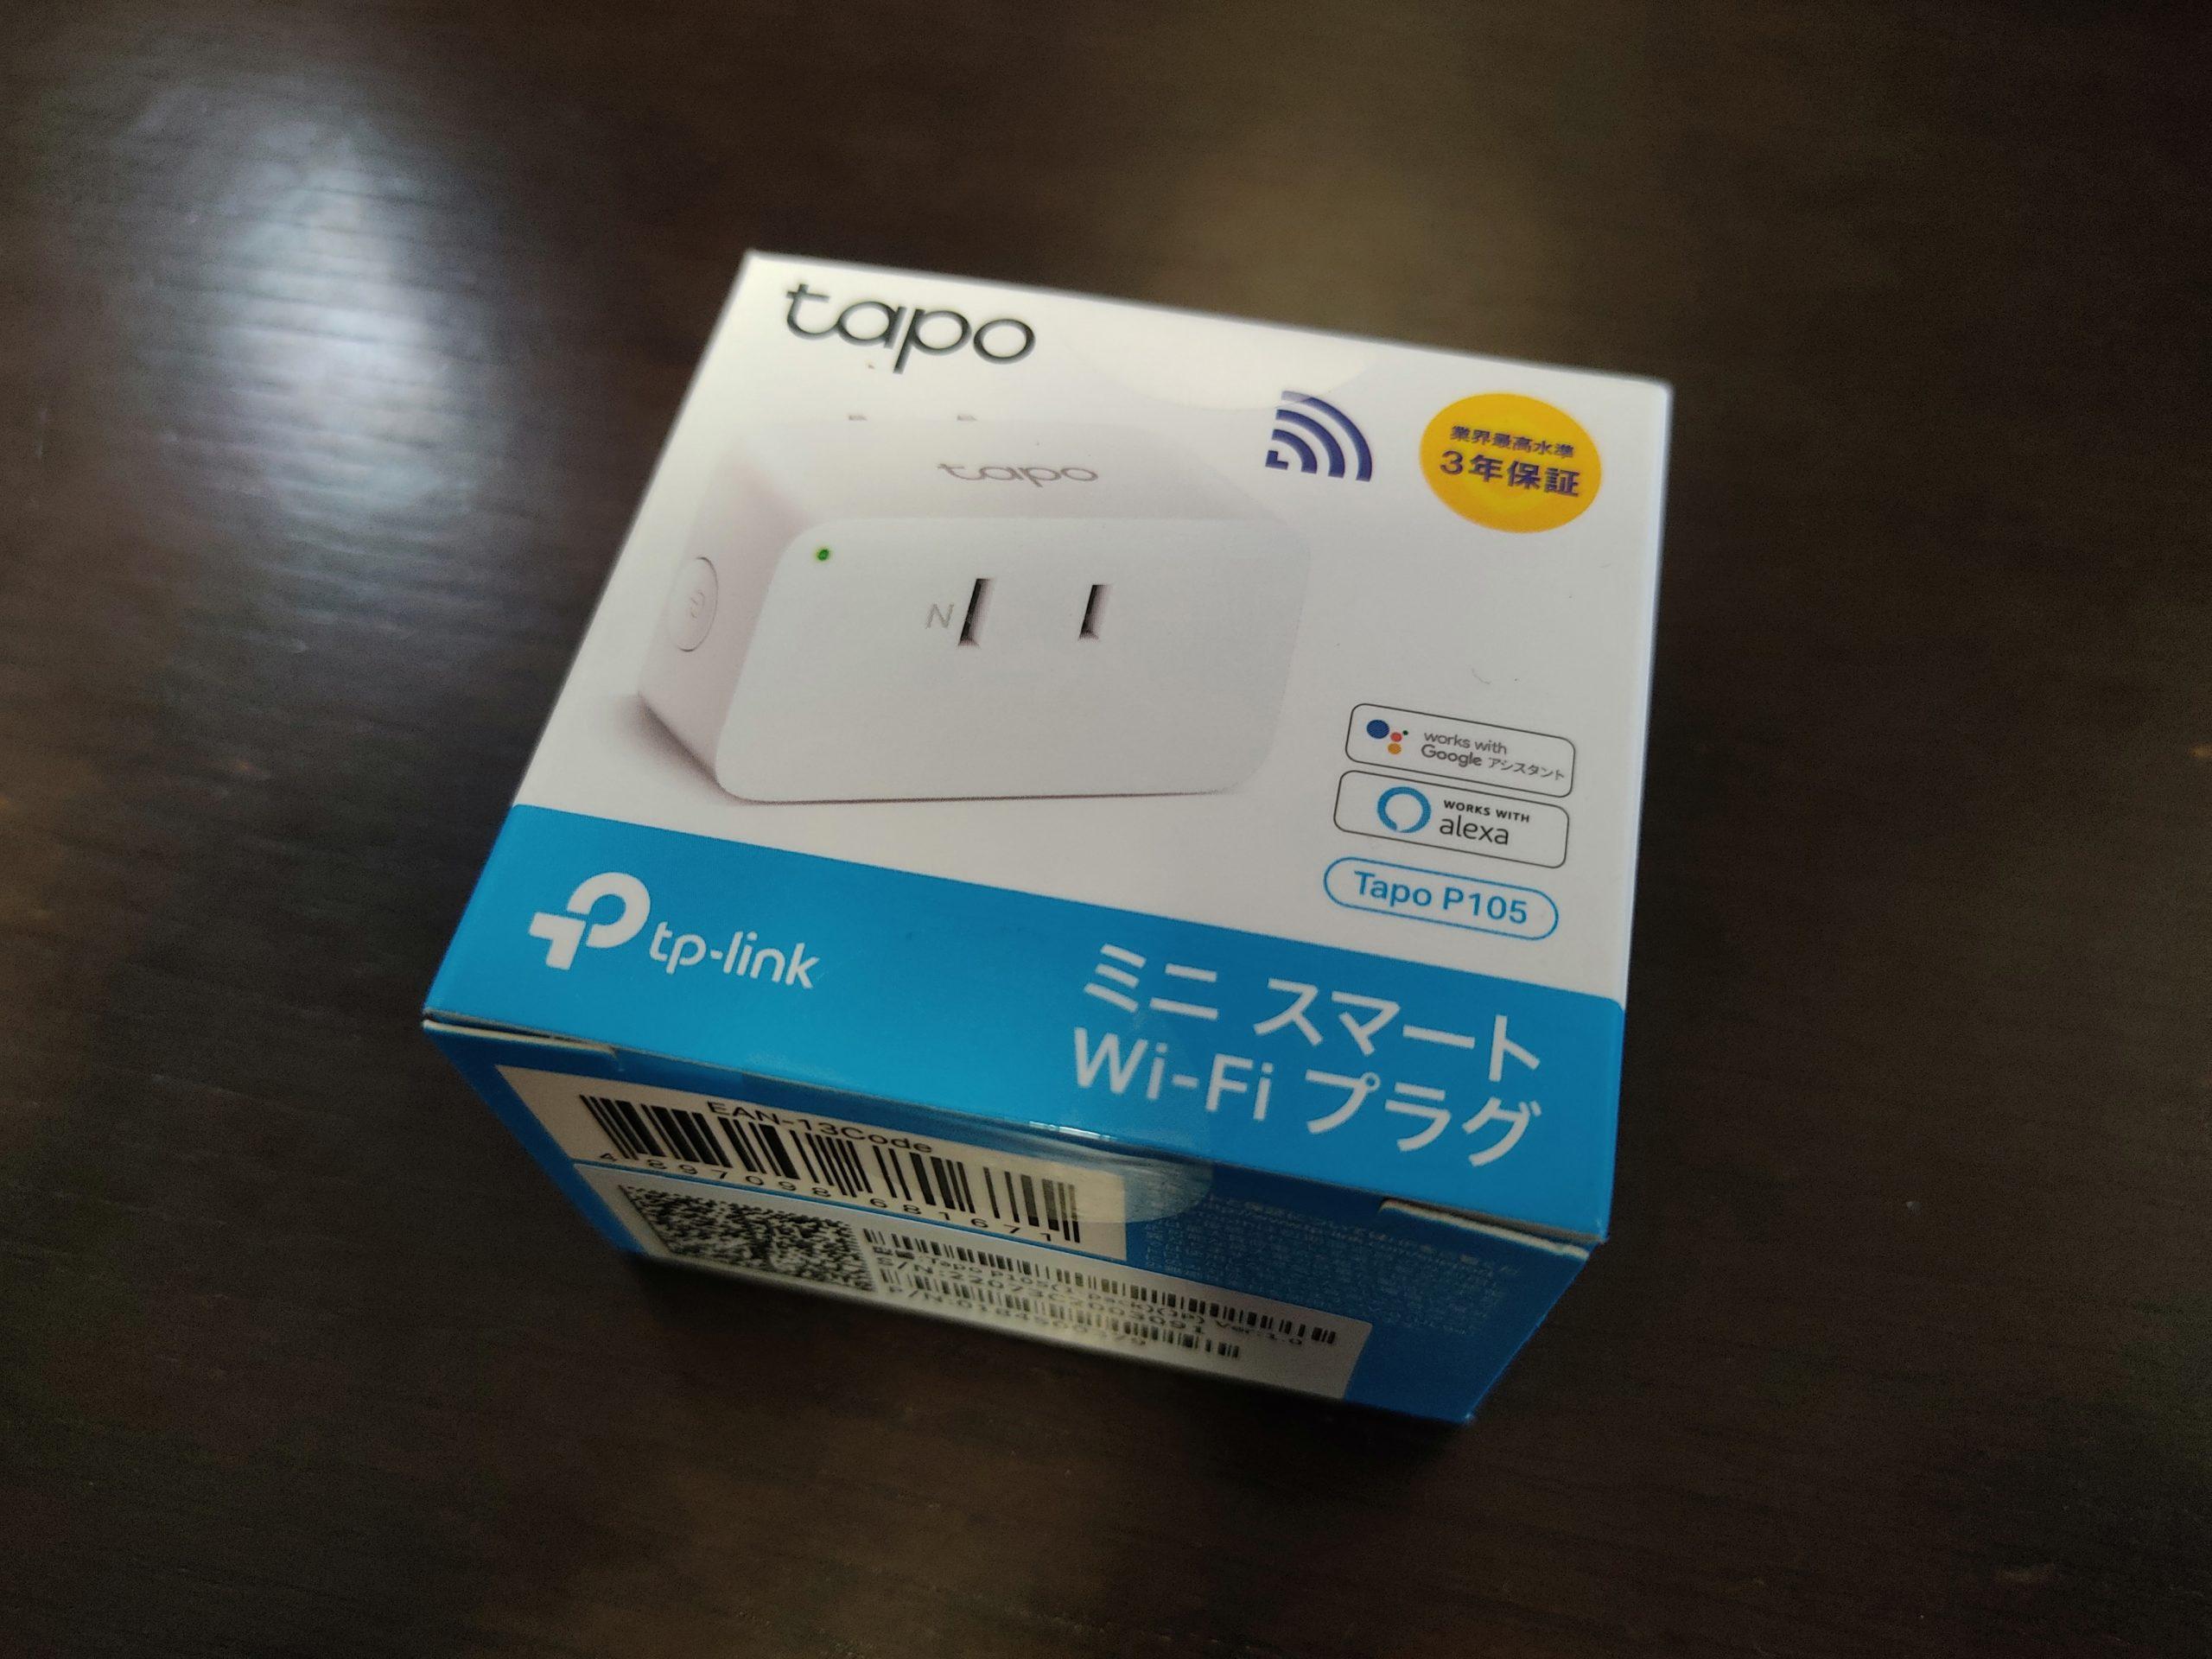 「Tapo P105」の箱